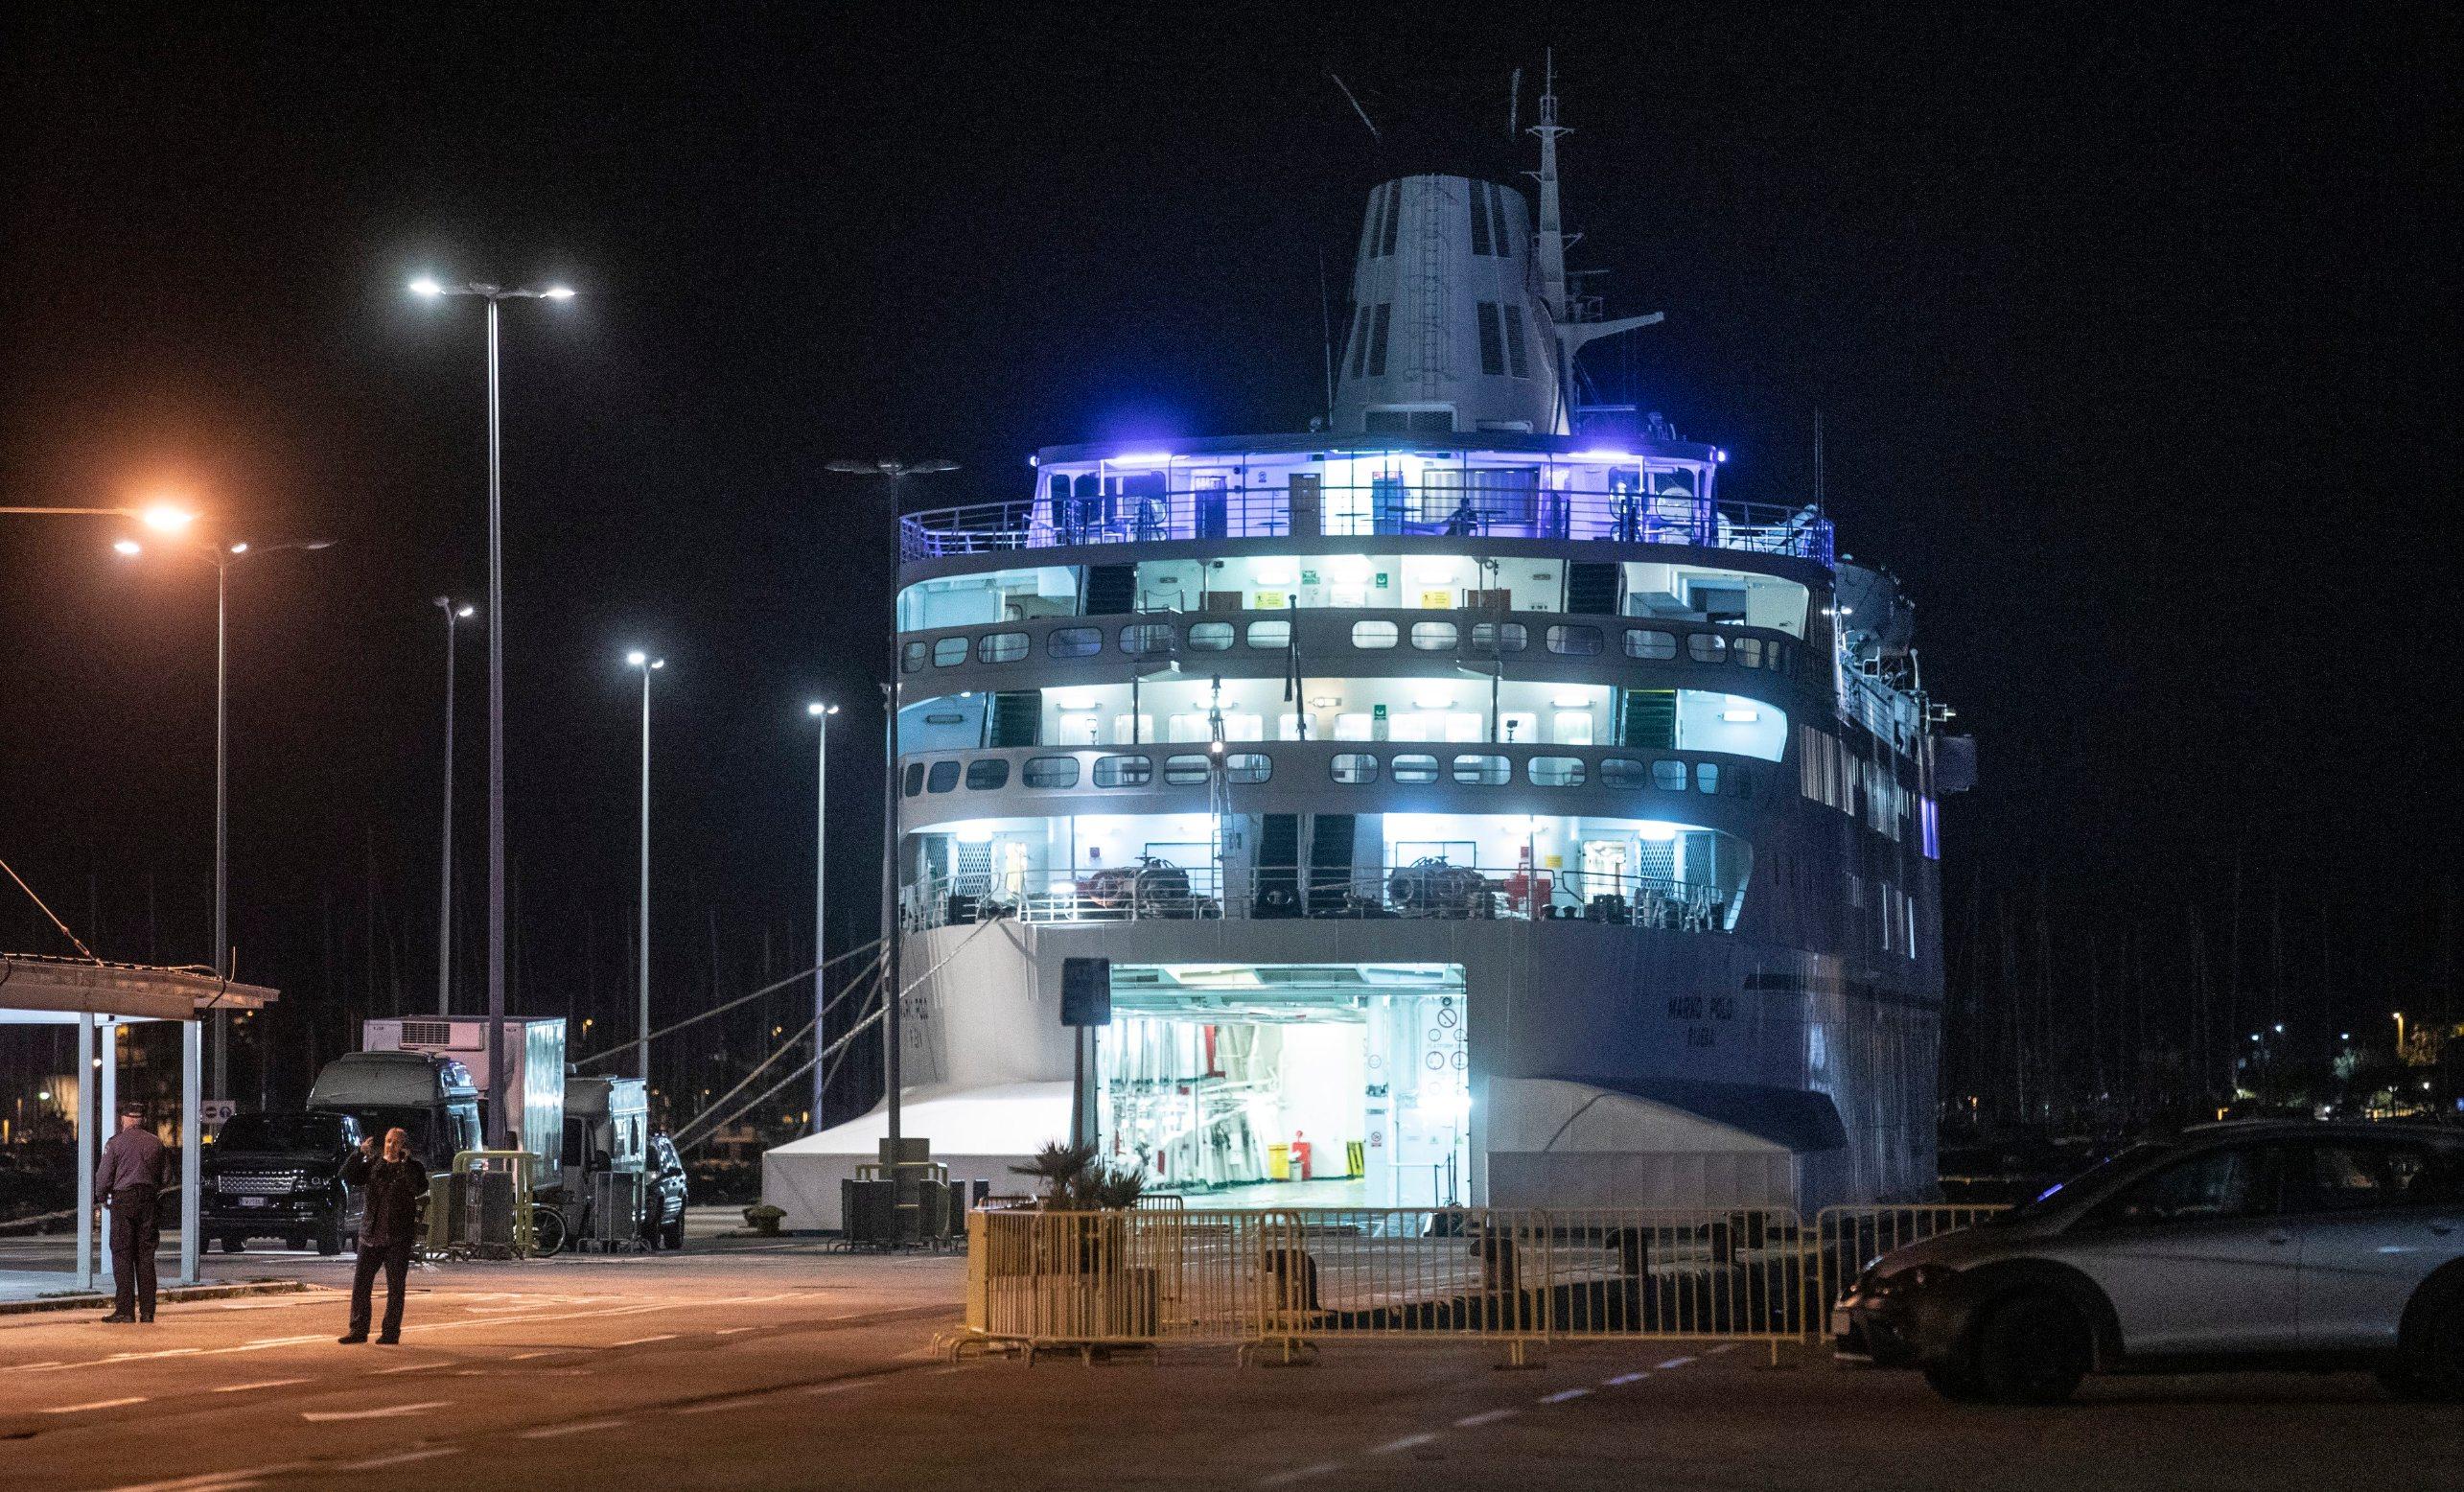 Putnički brod Jadrolinije Marko Polo koji je jutros stigao iz Ancone na vezu u trajektnoj luci Split.